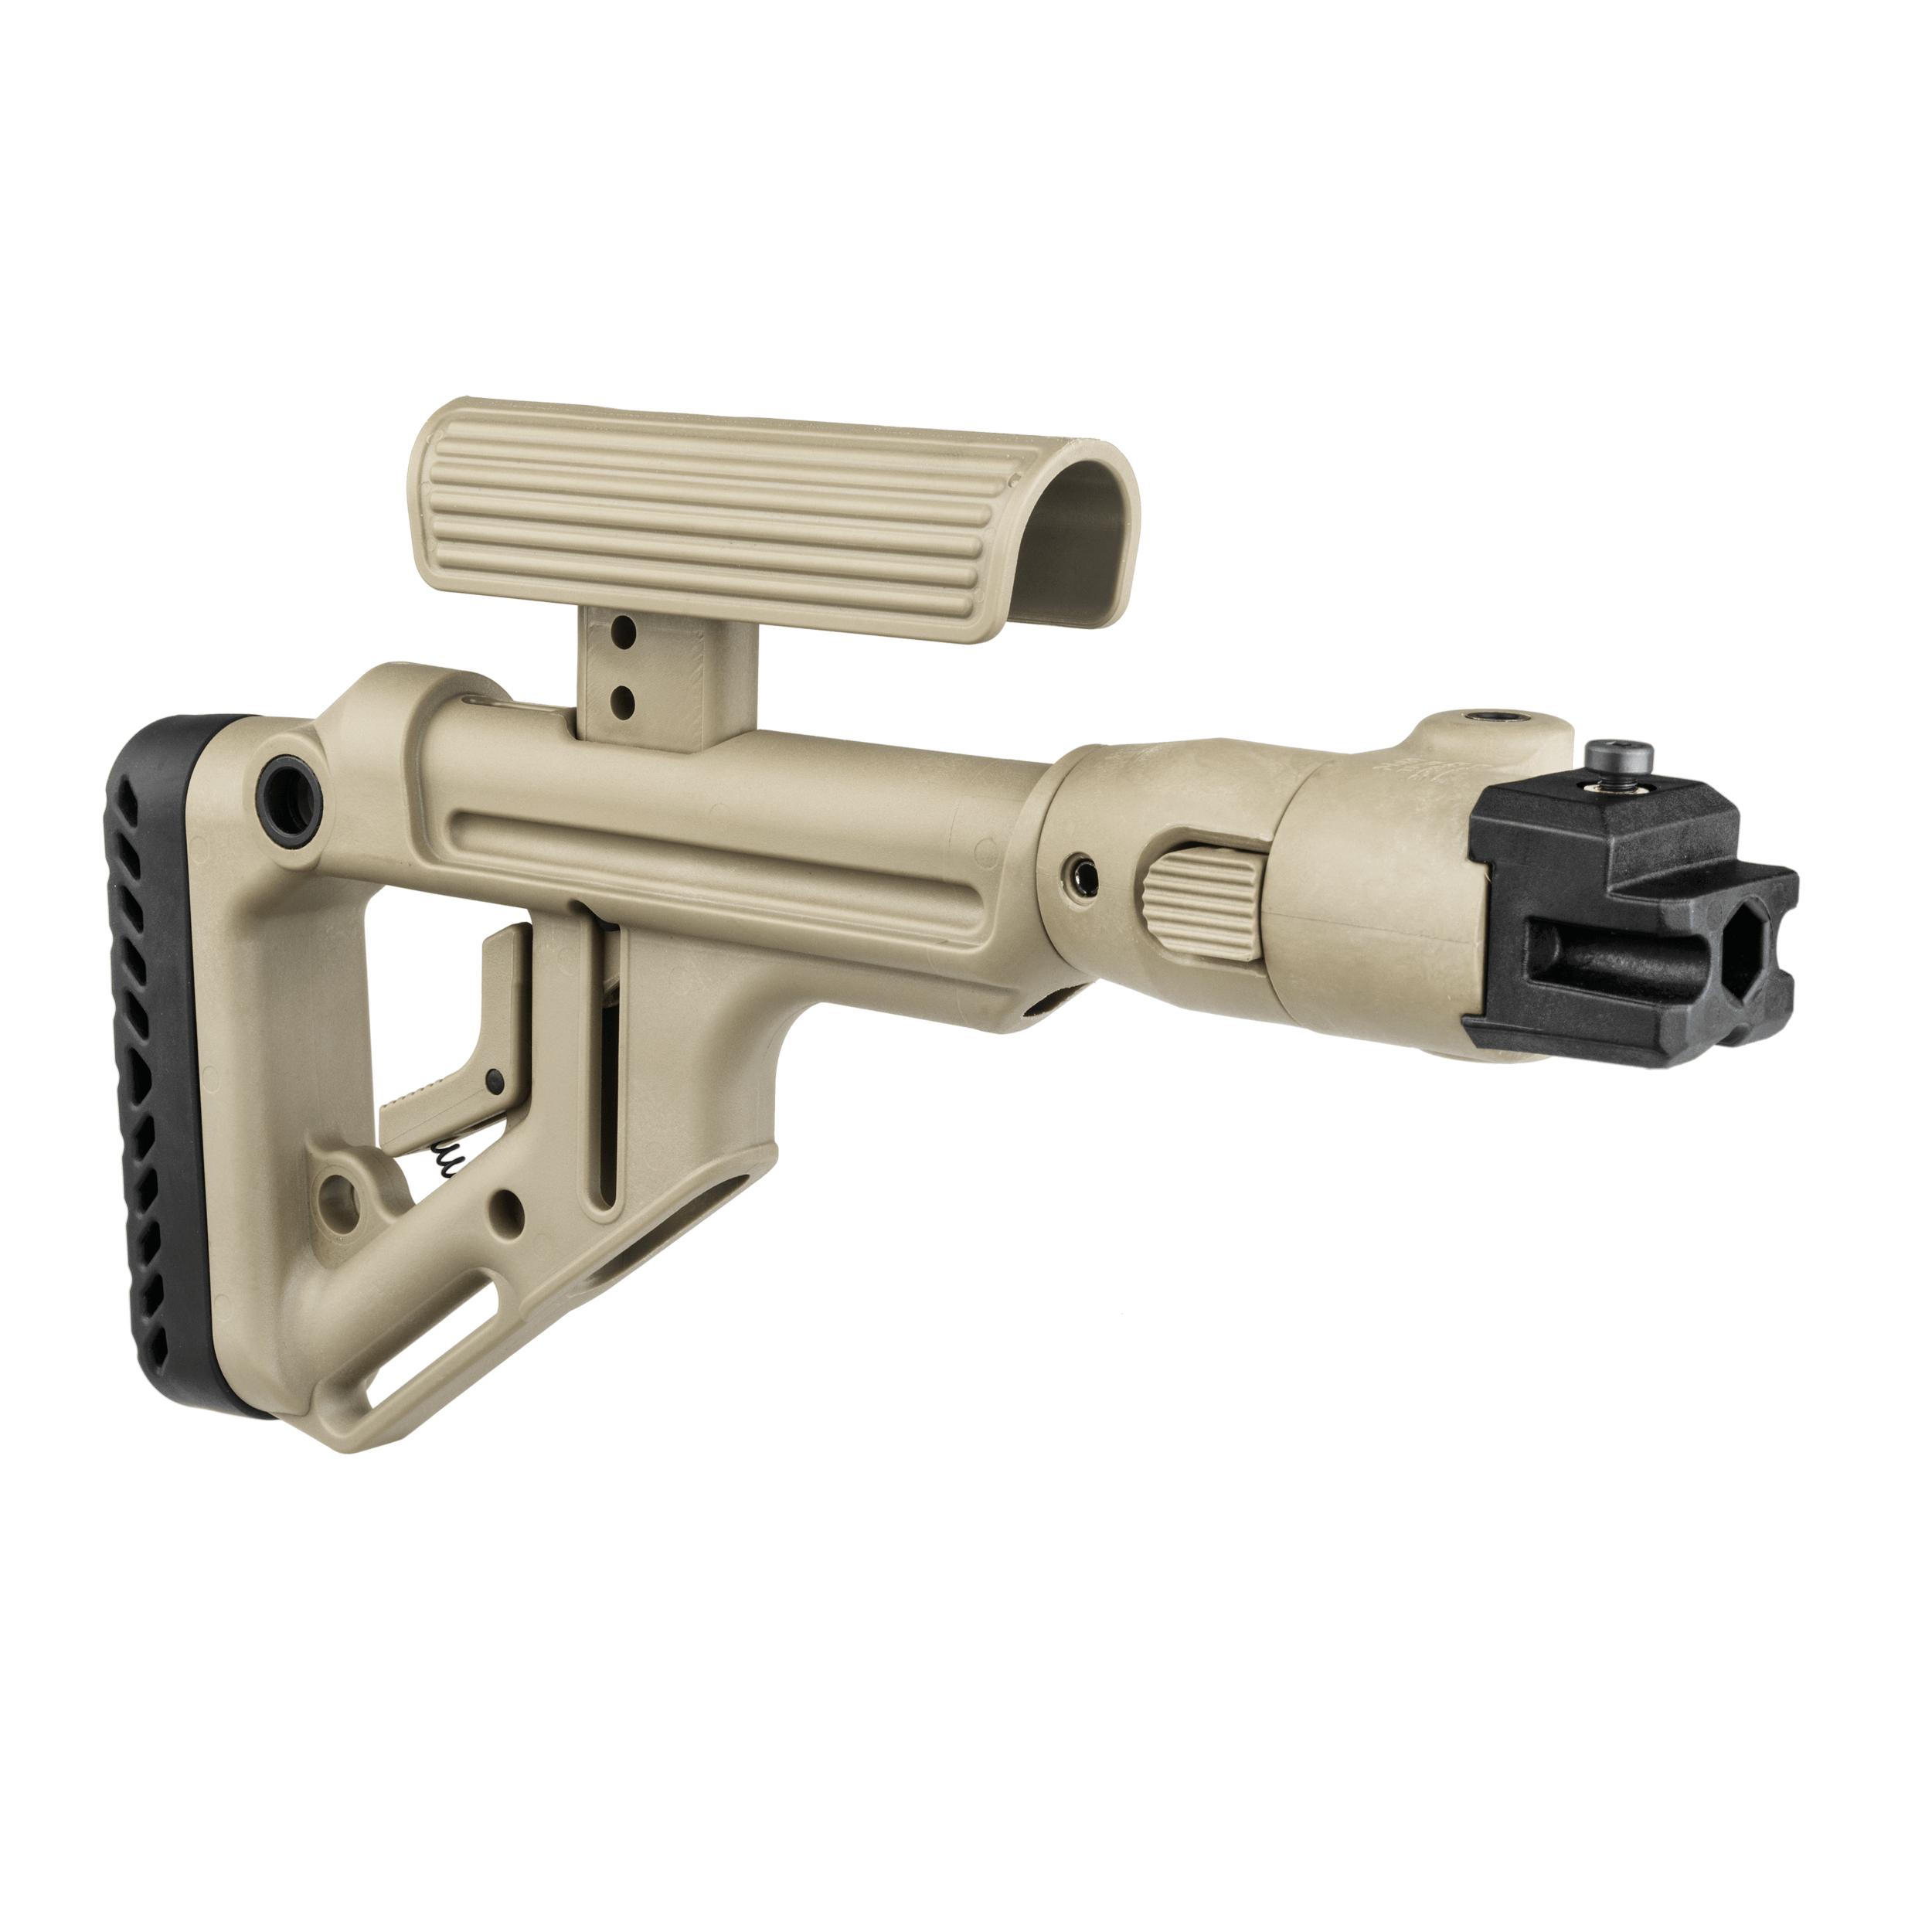 AK47 folding buttstock / cheek rest (Polymer Joint)